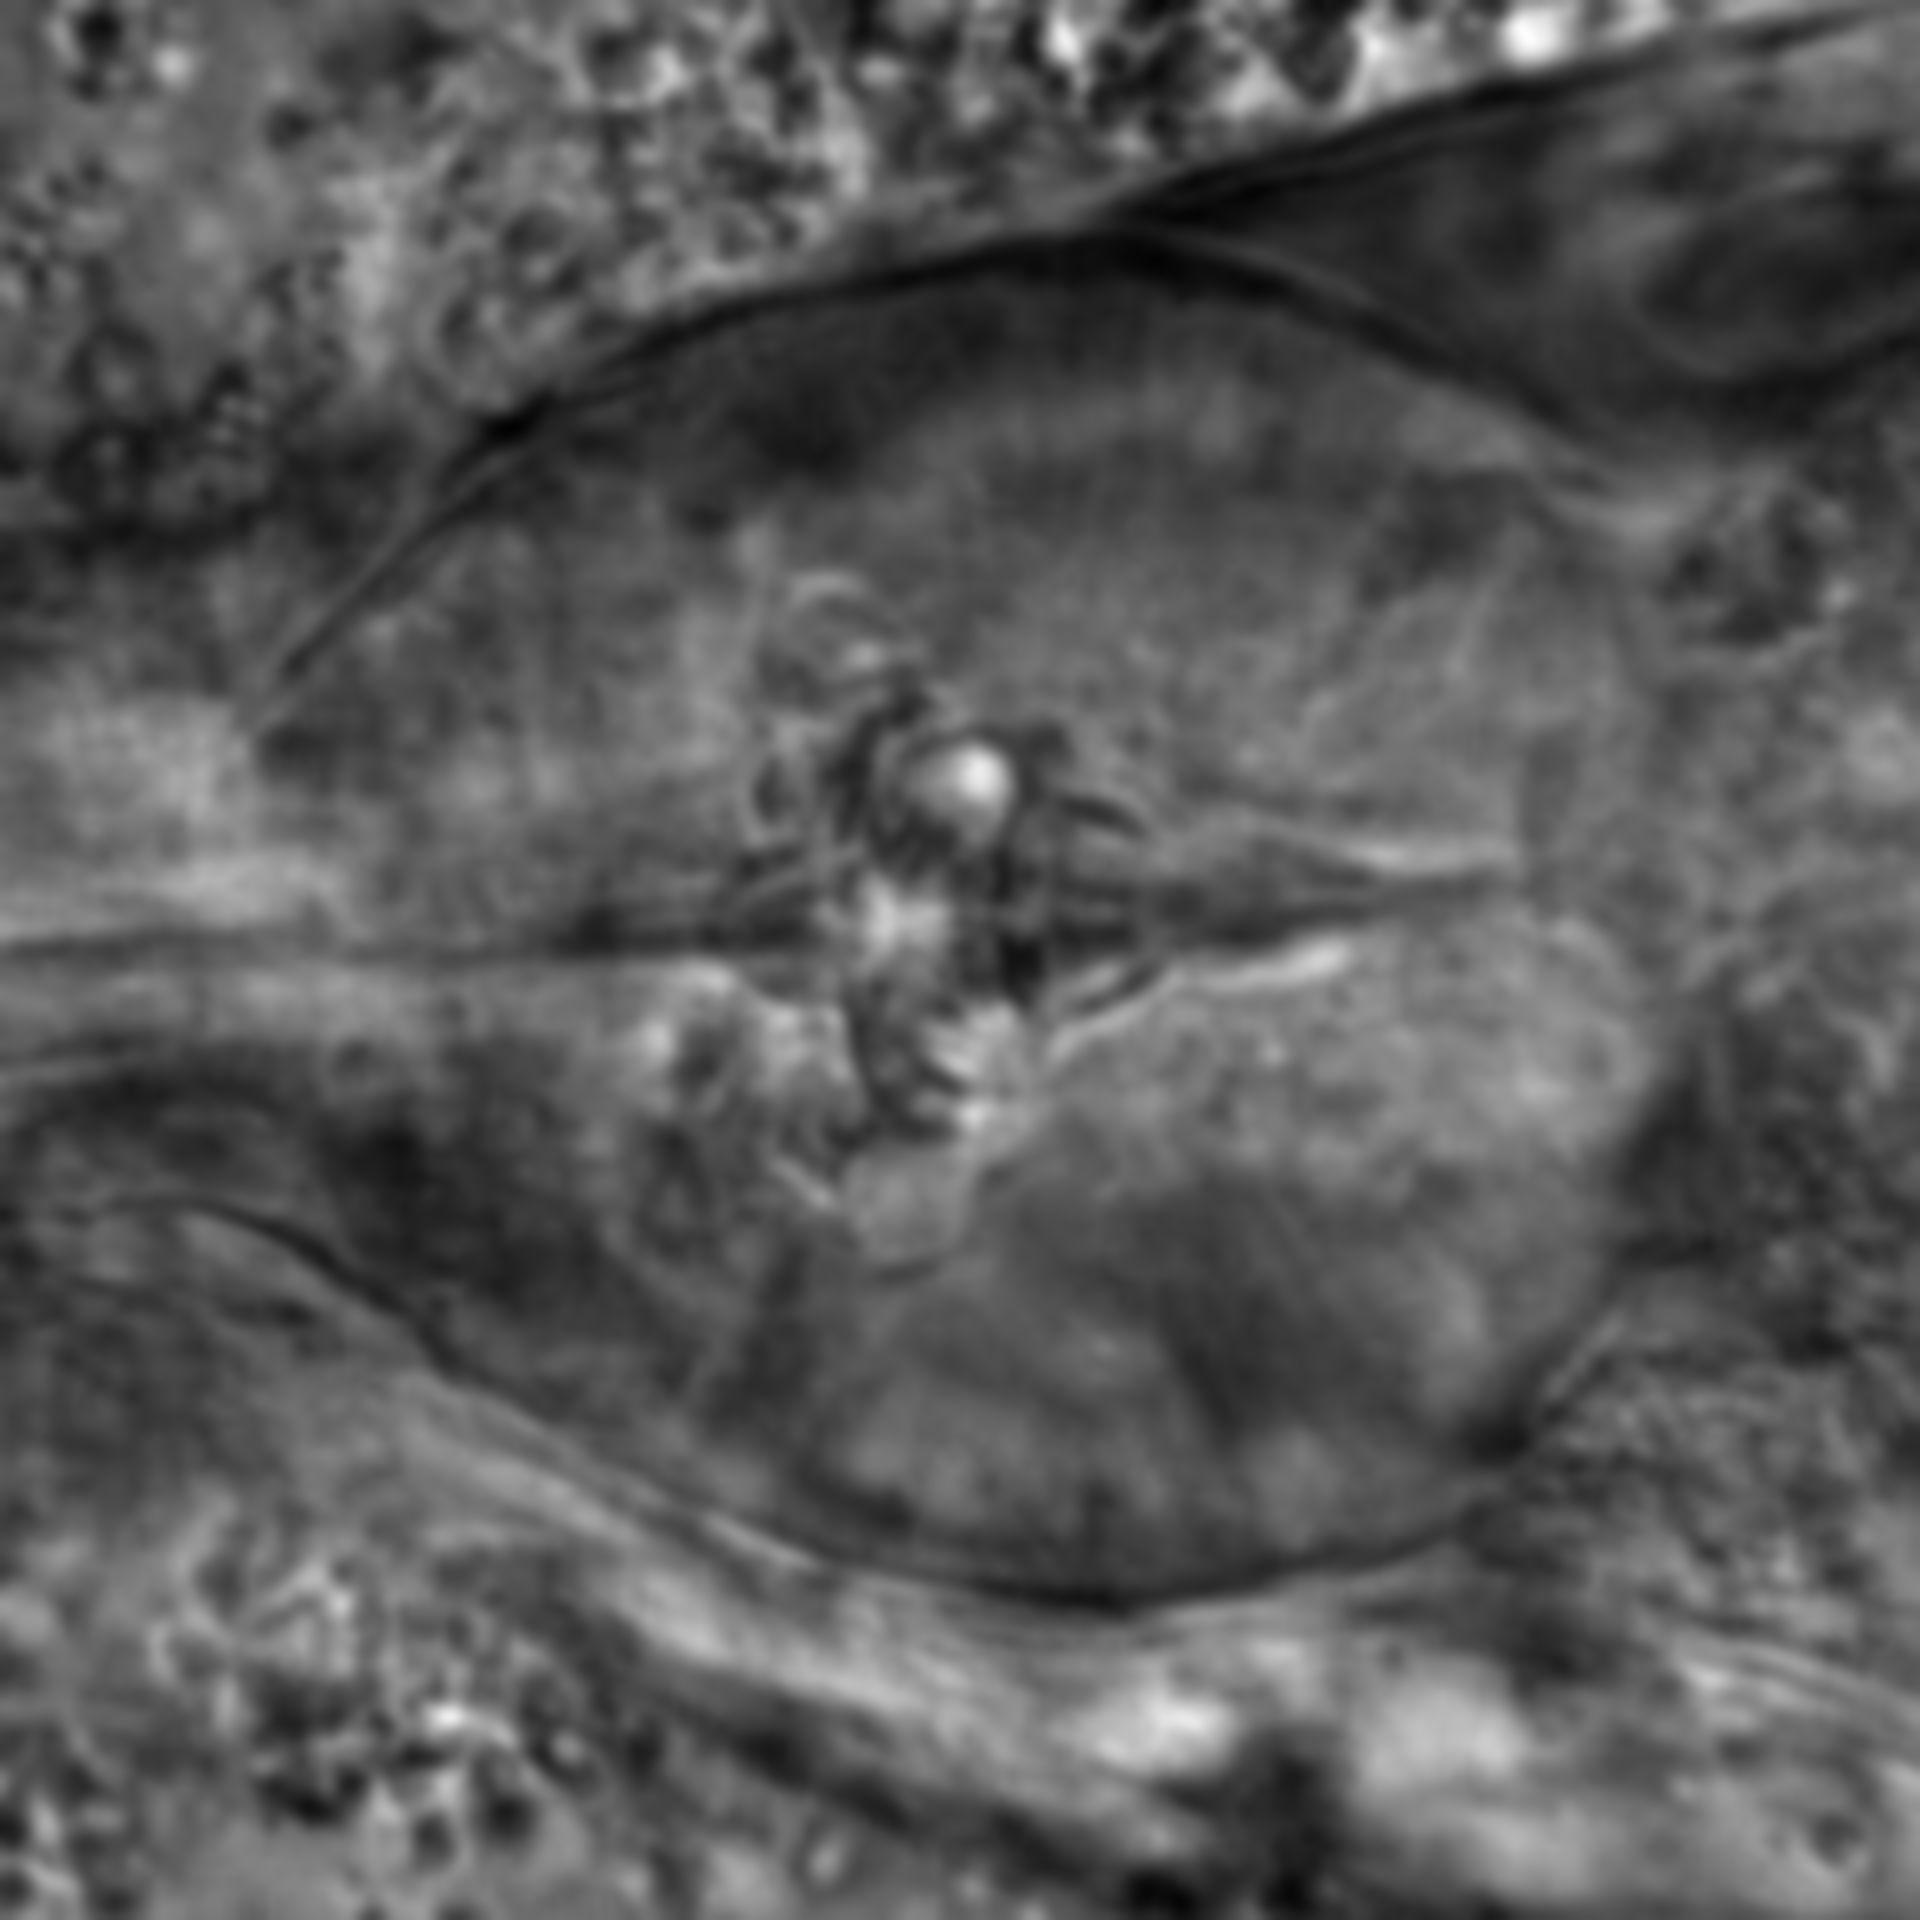 Caenorhabditis elegans - CIL:1923